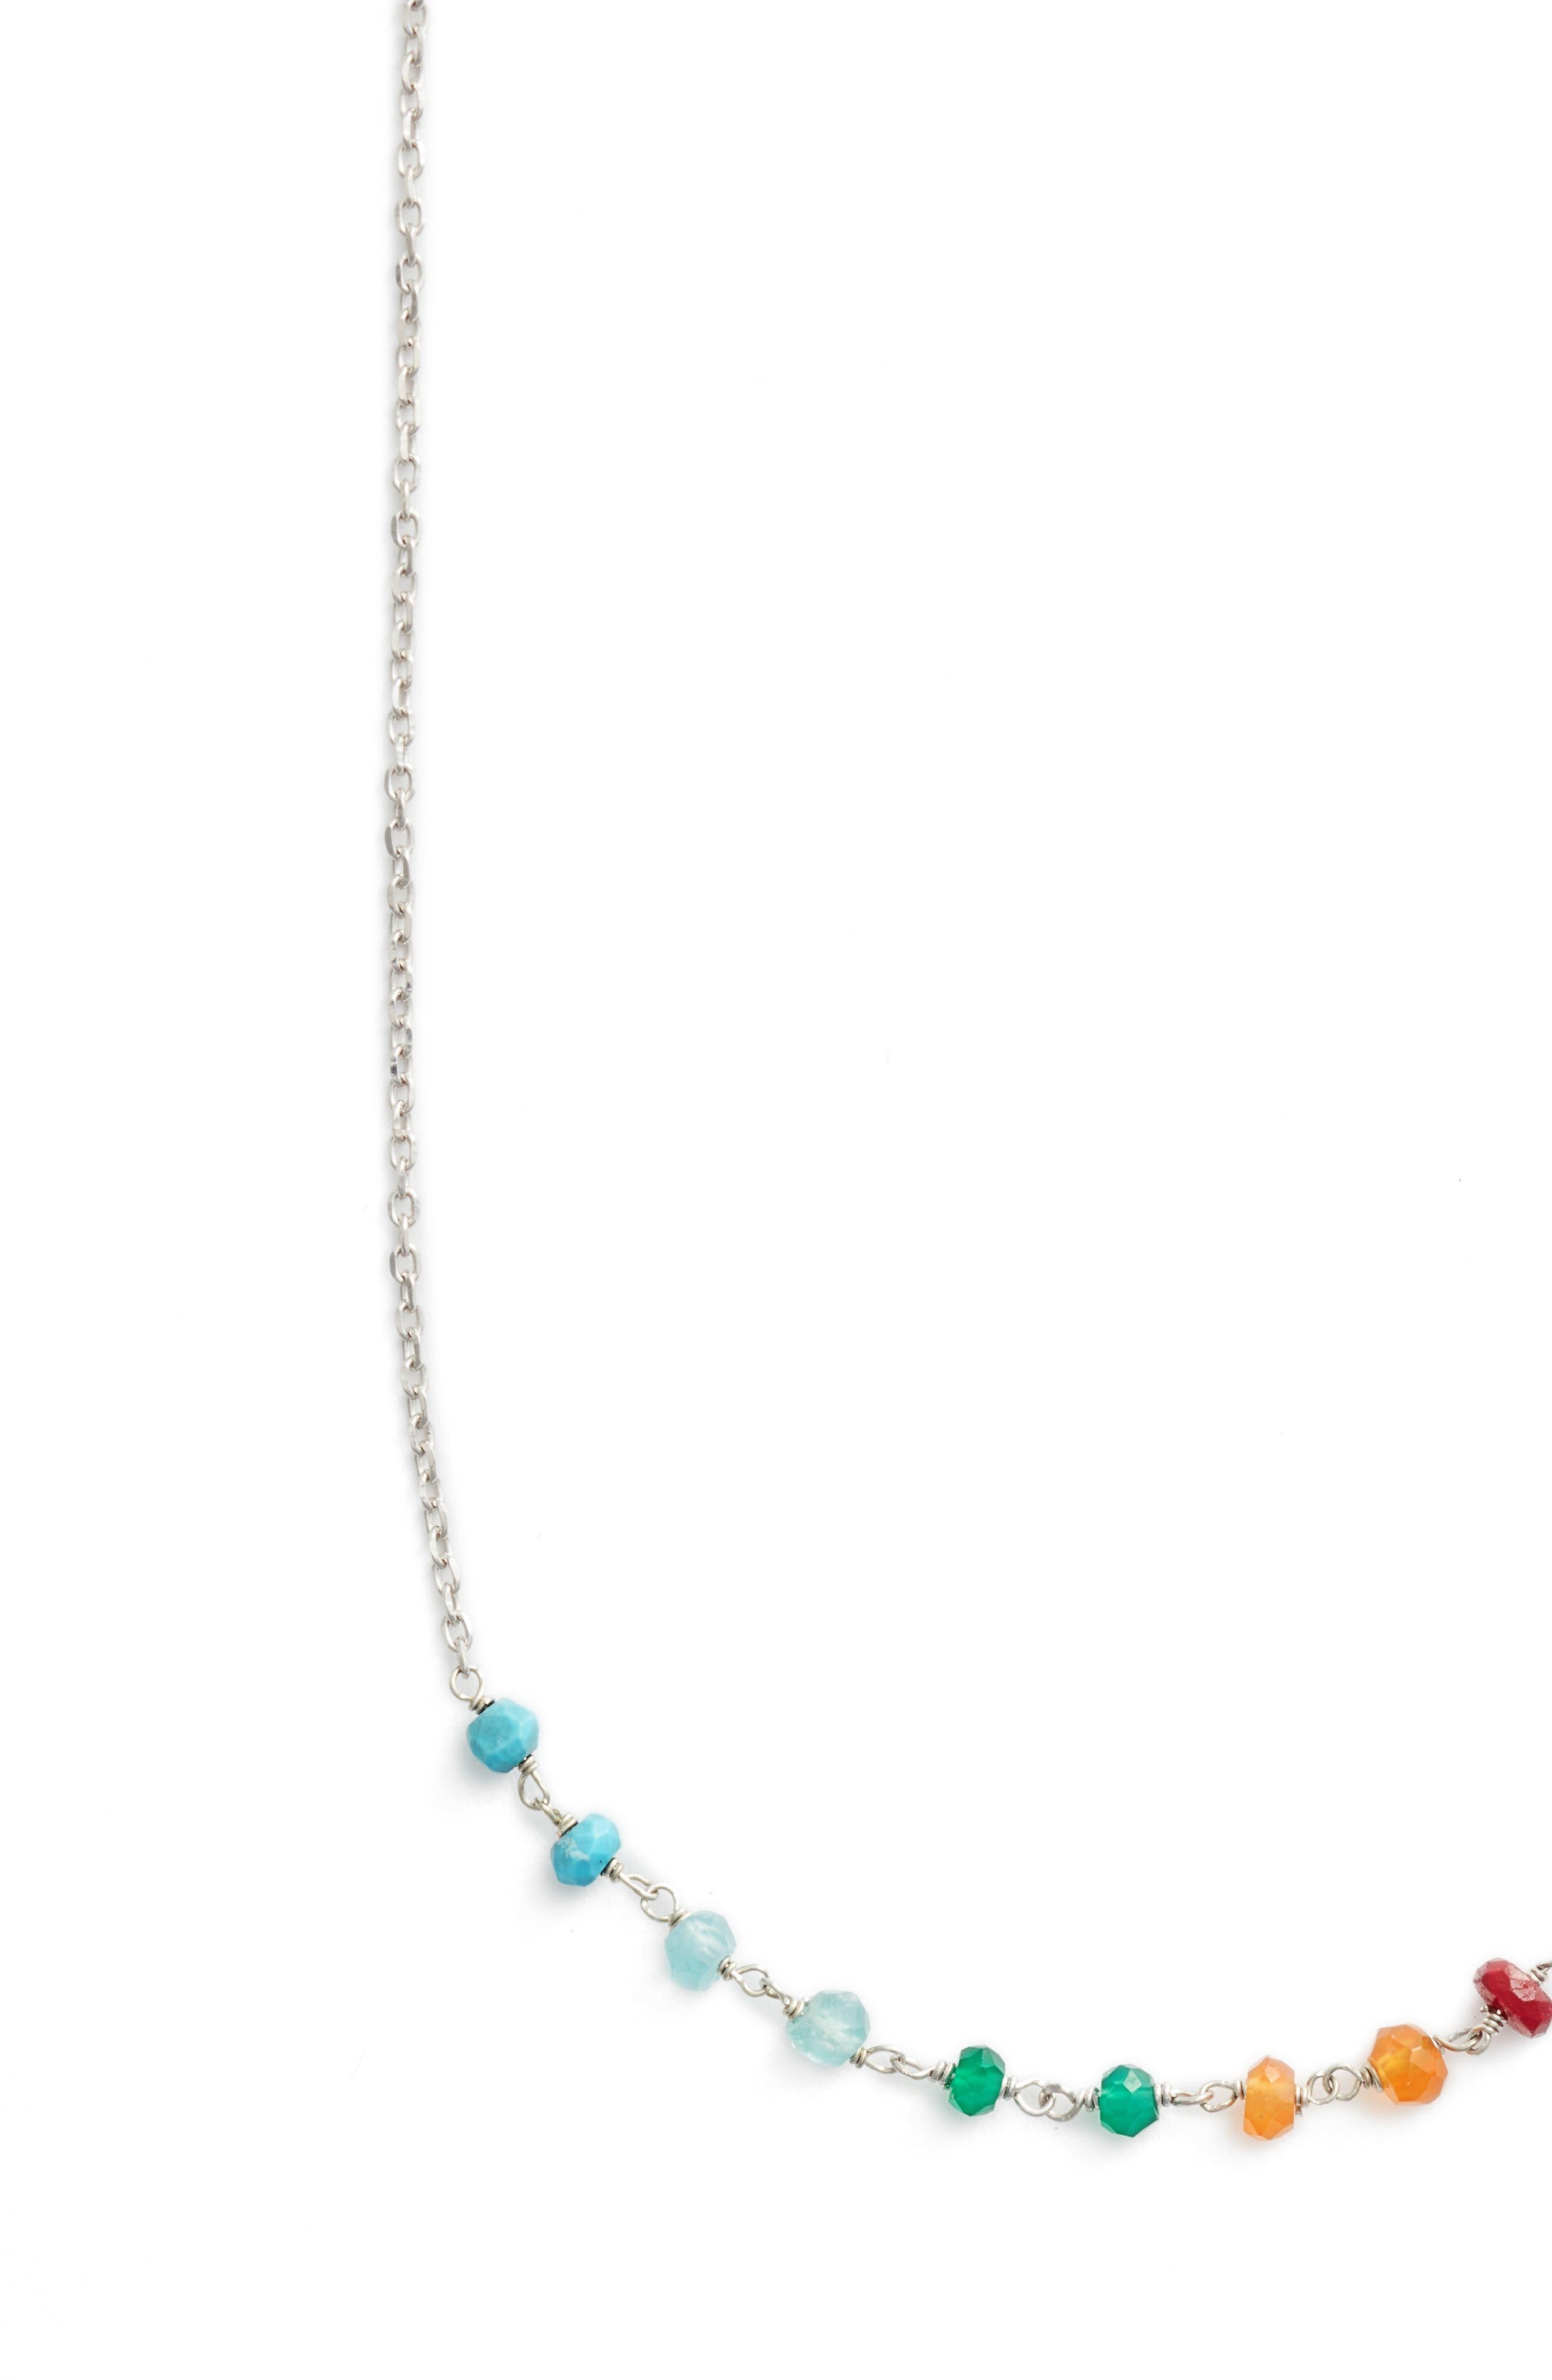 Lapis Collar Necklace,                             Main thumbnail 1, color,                             SILVER/ LABRADORITE